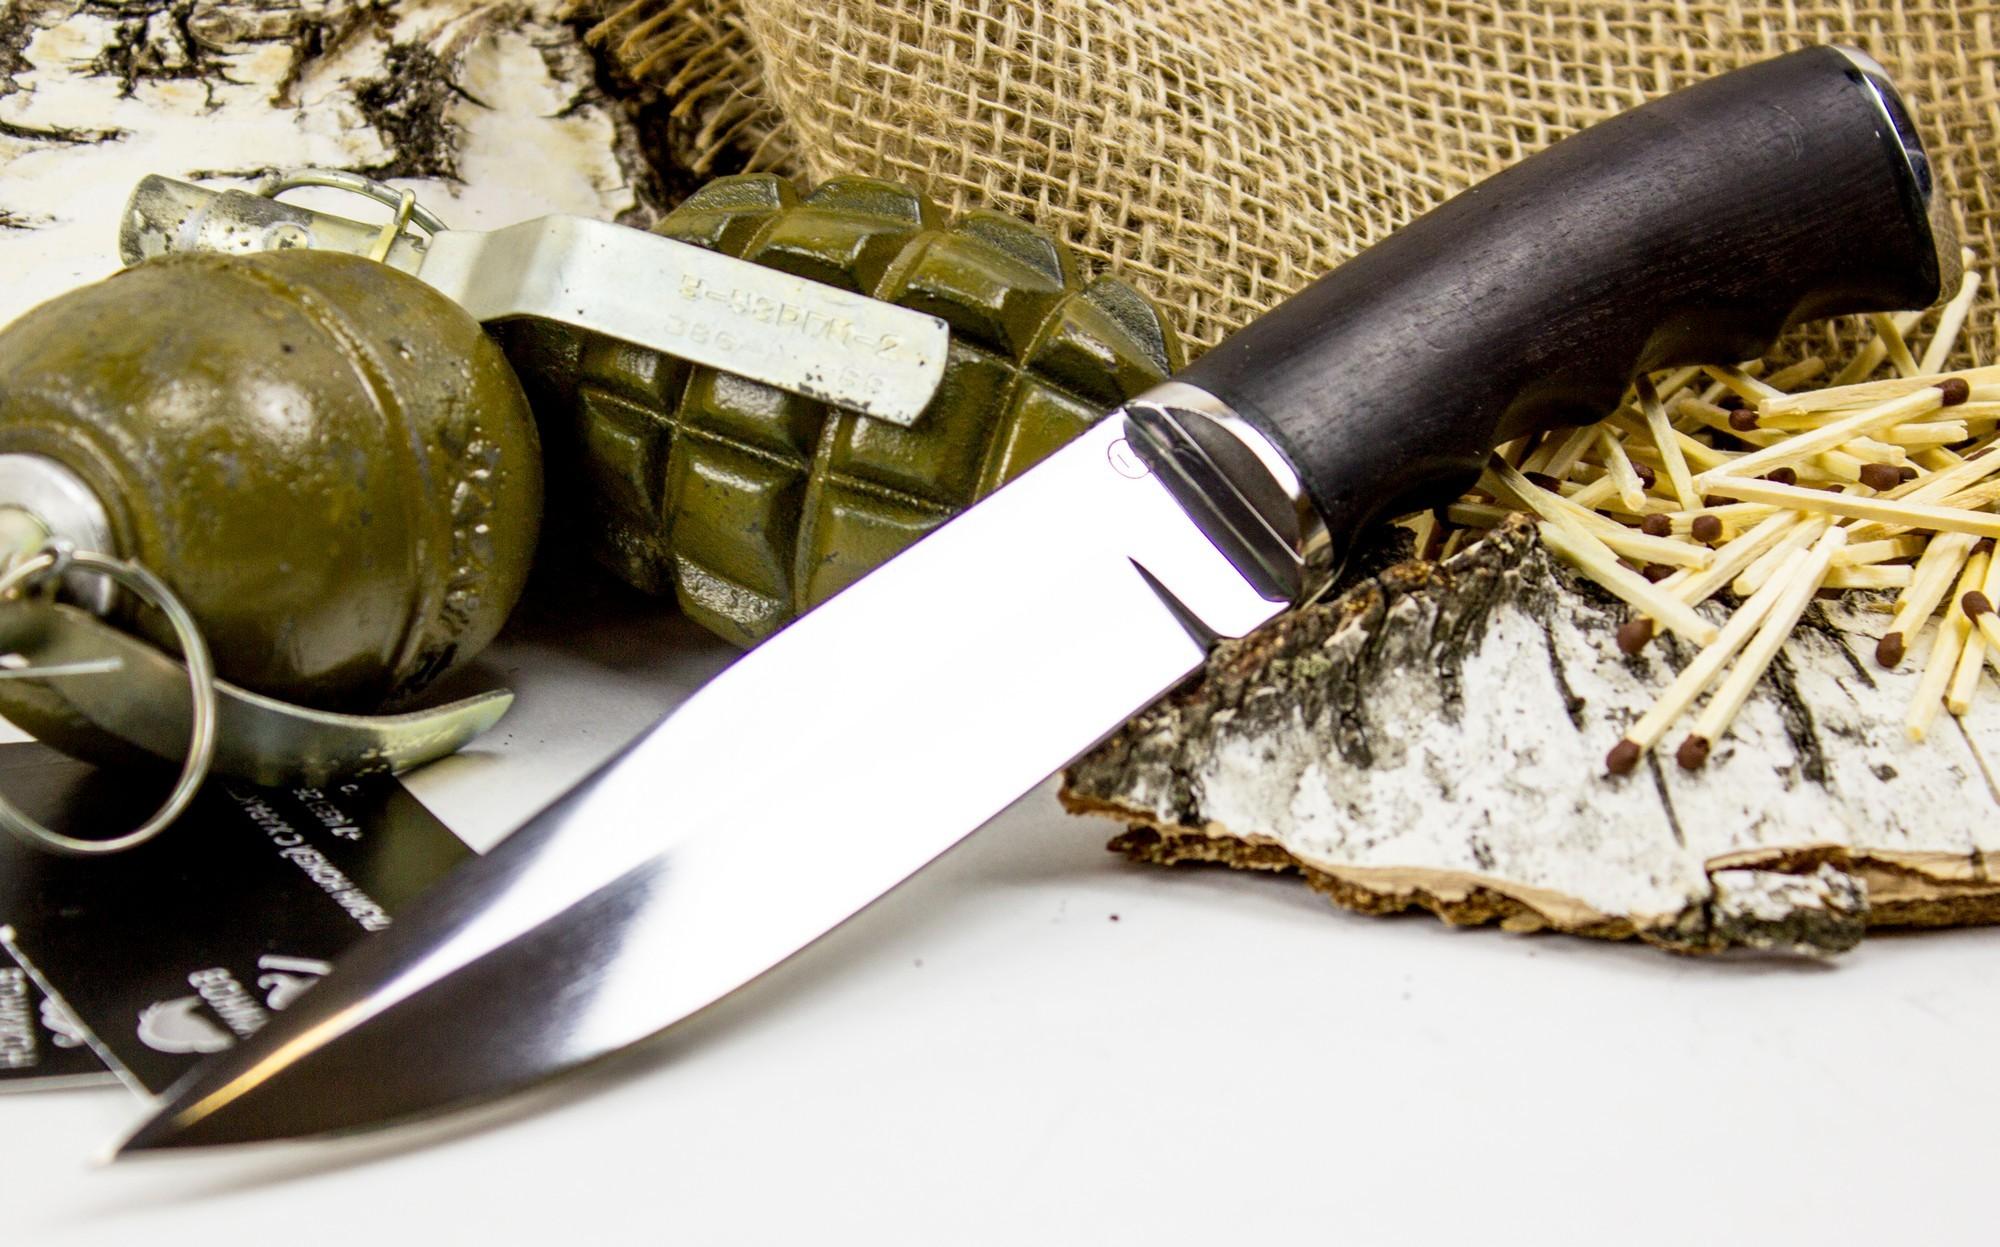 Нож Гюрза-2, сталь 95х18, грабНожи Ворсма<br>Нож Гюрза-2 сочетает в себе черты русских и восточных ножей. С восточными ножами его роднит острый кончик, образованный ниспадающим обухом и подъемом режущей кромки. От русской традиции нож получил бочкообразную деревянную рукоять. Нож предназначен для использования на охоте в качестве основного или доборного ножа. Острый кончик обладает высокой проникающей способностью. Благодаря подпальцевым выемкам на рукояти, нож также можно использовать для решения тактических задач. Нож уверенно сидит в руке при удержании тактическим хватом.<br>